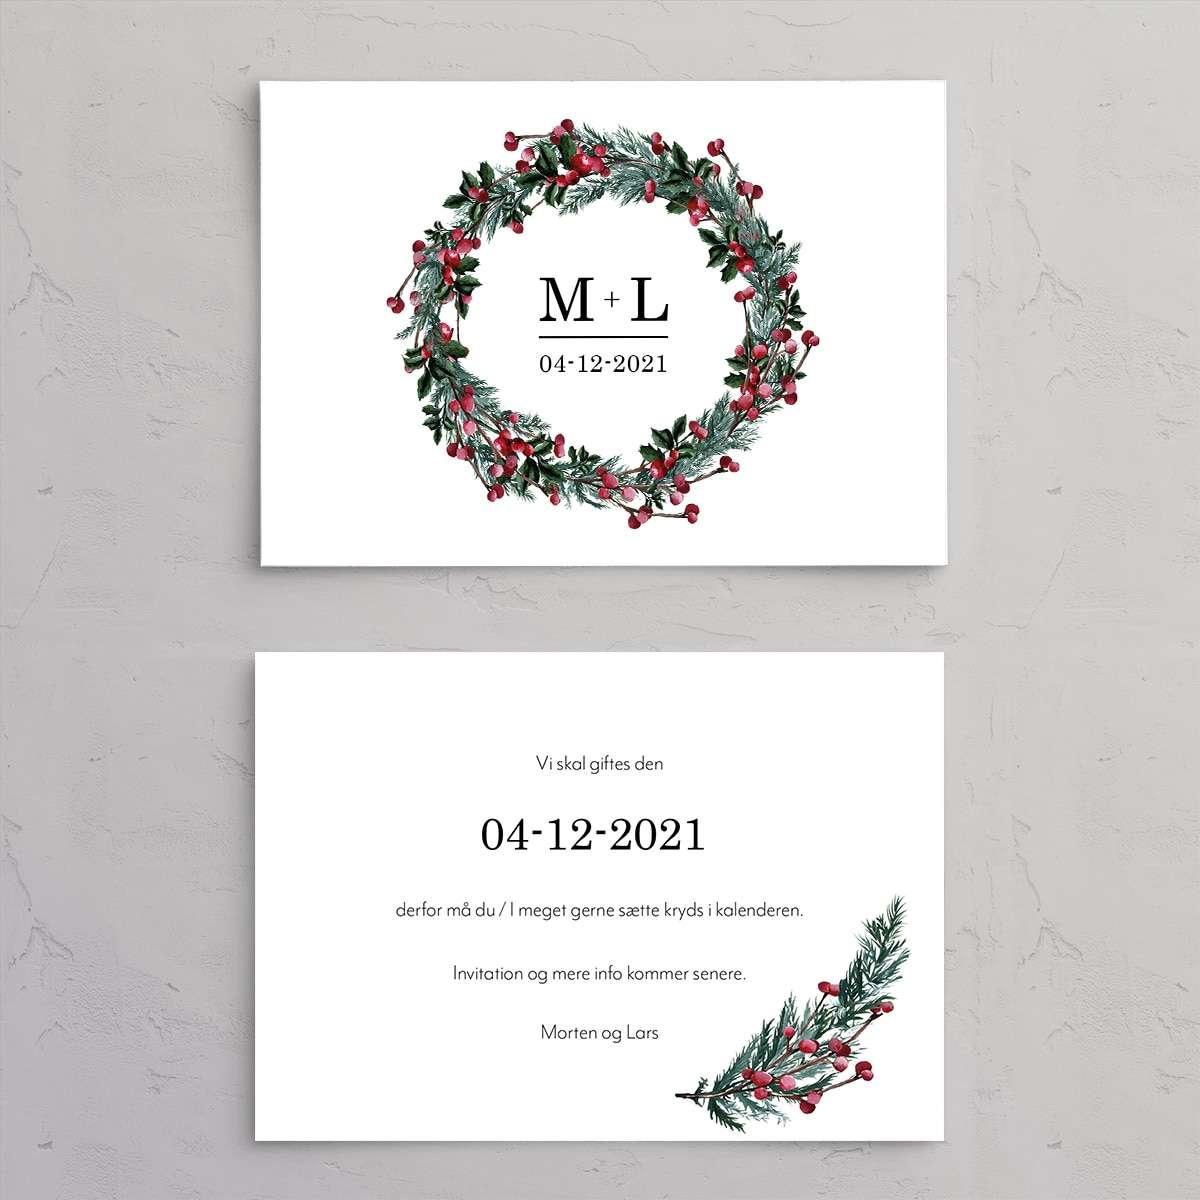 Save the date kort med trykt tekst på bagsiden til bryllupsinvitationen Winter Wreath med monogram. Et smukt design til et vinterbryllup med krans i gran, kristtjørn og grene med røde bær.